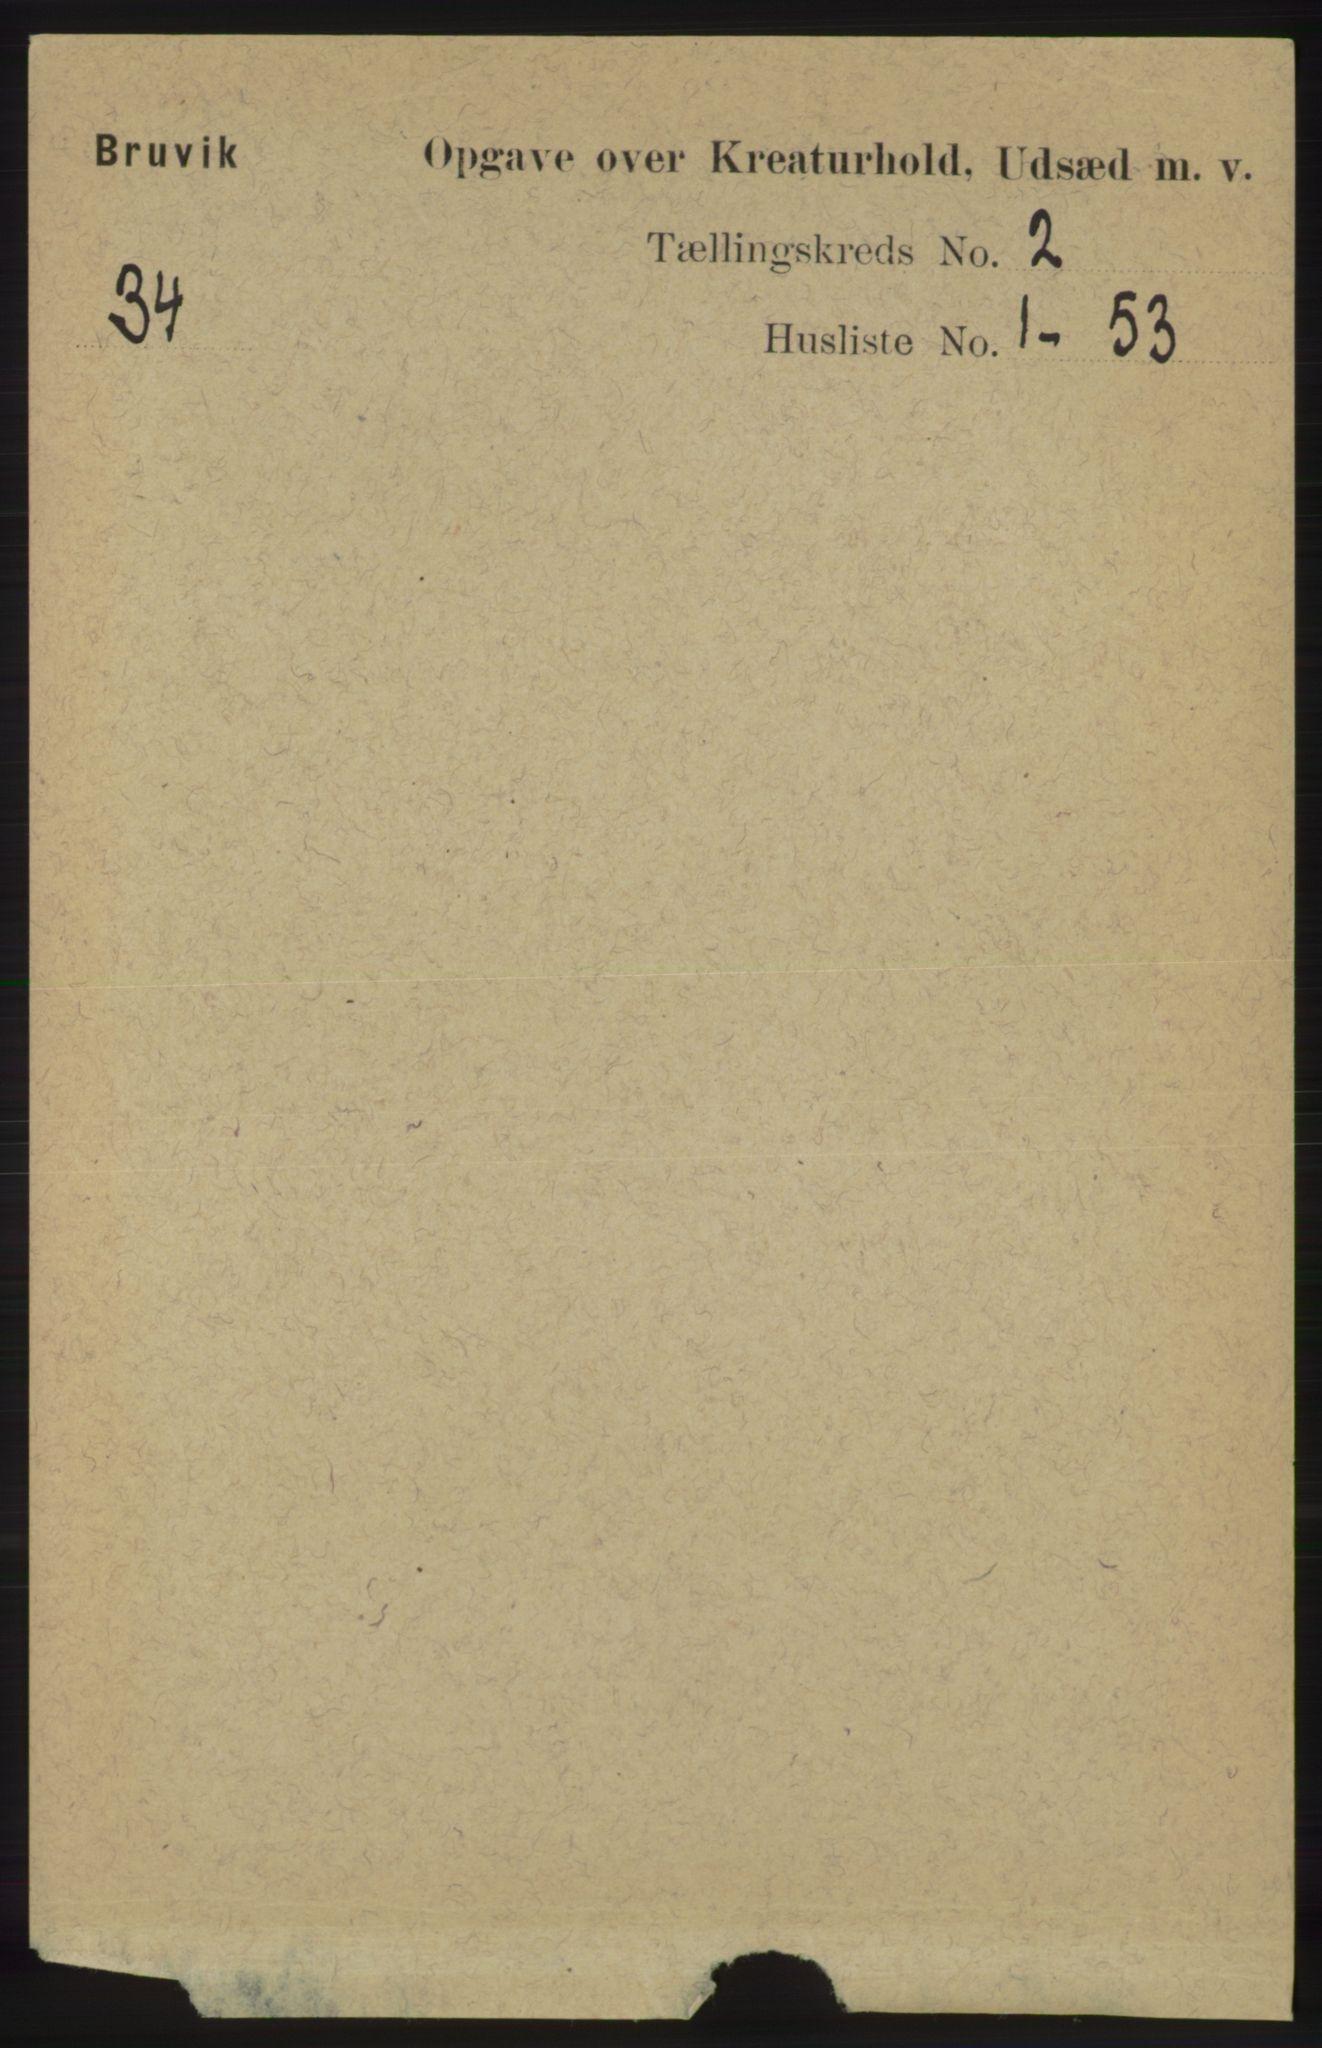 RA, Folketelling 1891 for 1251 Bruvik herred, 1891, s. 4231